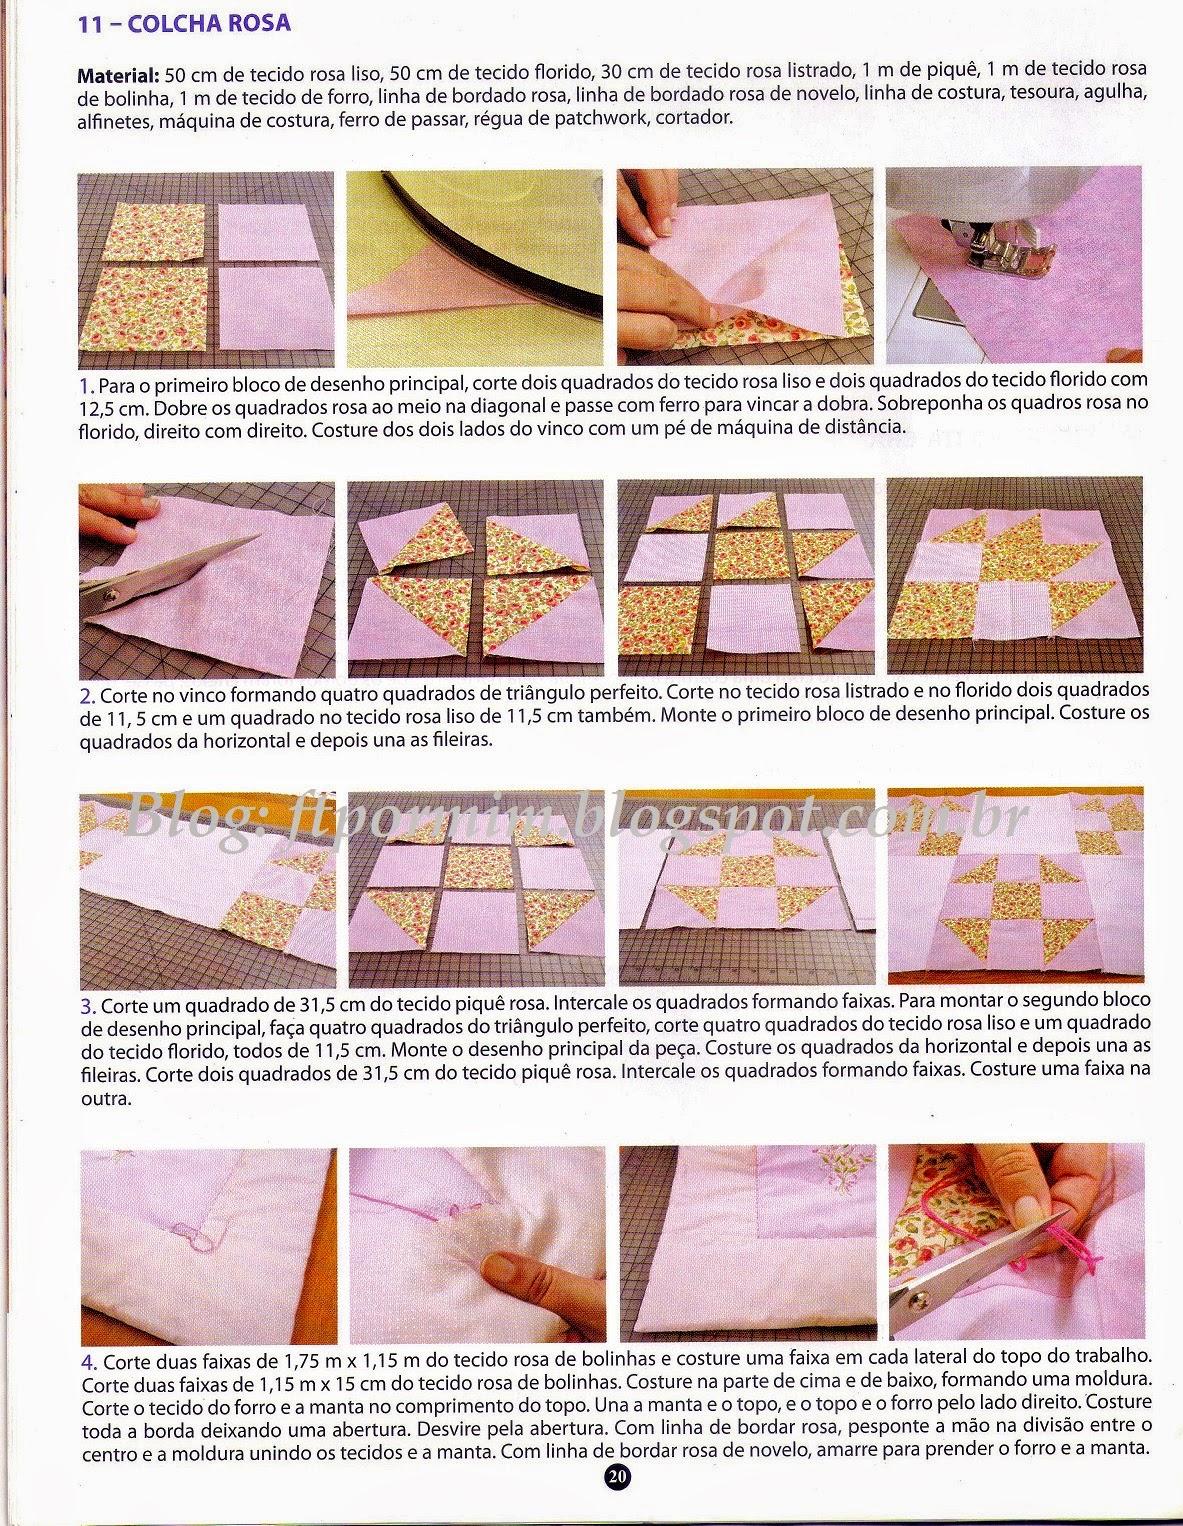 passo à passo da receita da colcha de patchwork